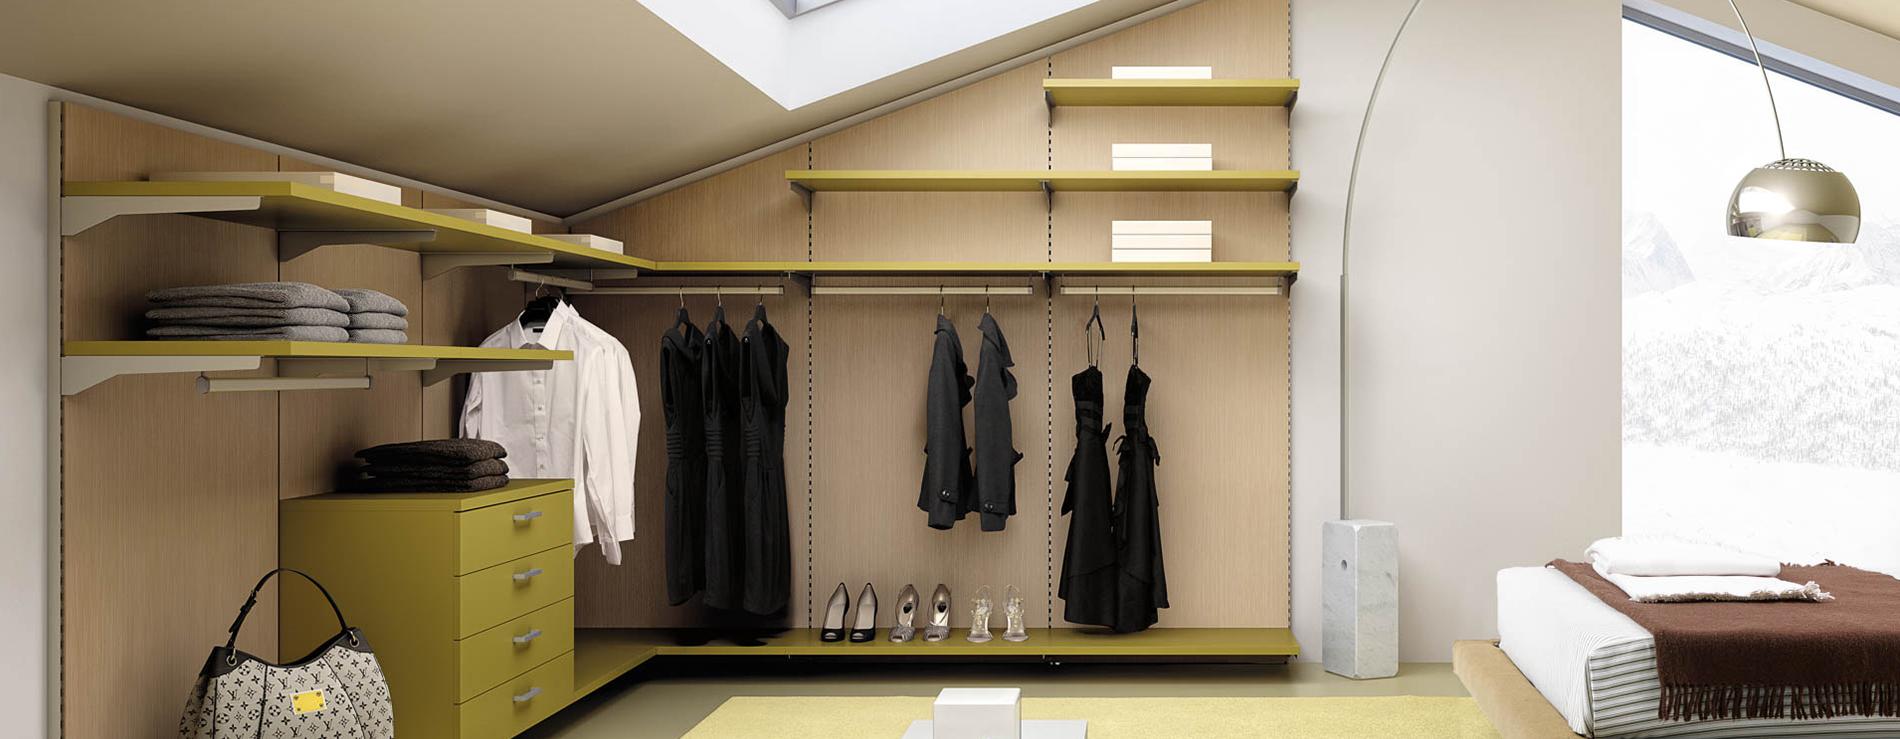 Cabina armadio 44 ferri mobili centro mobili - Centro italiano mobili ...